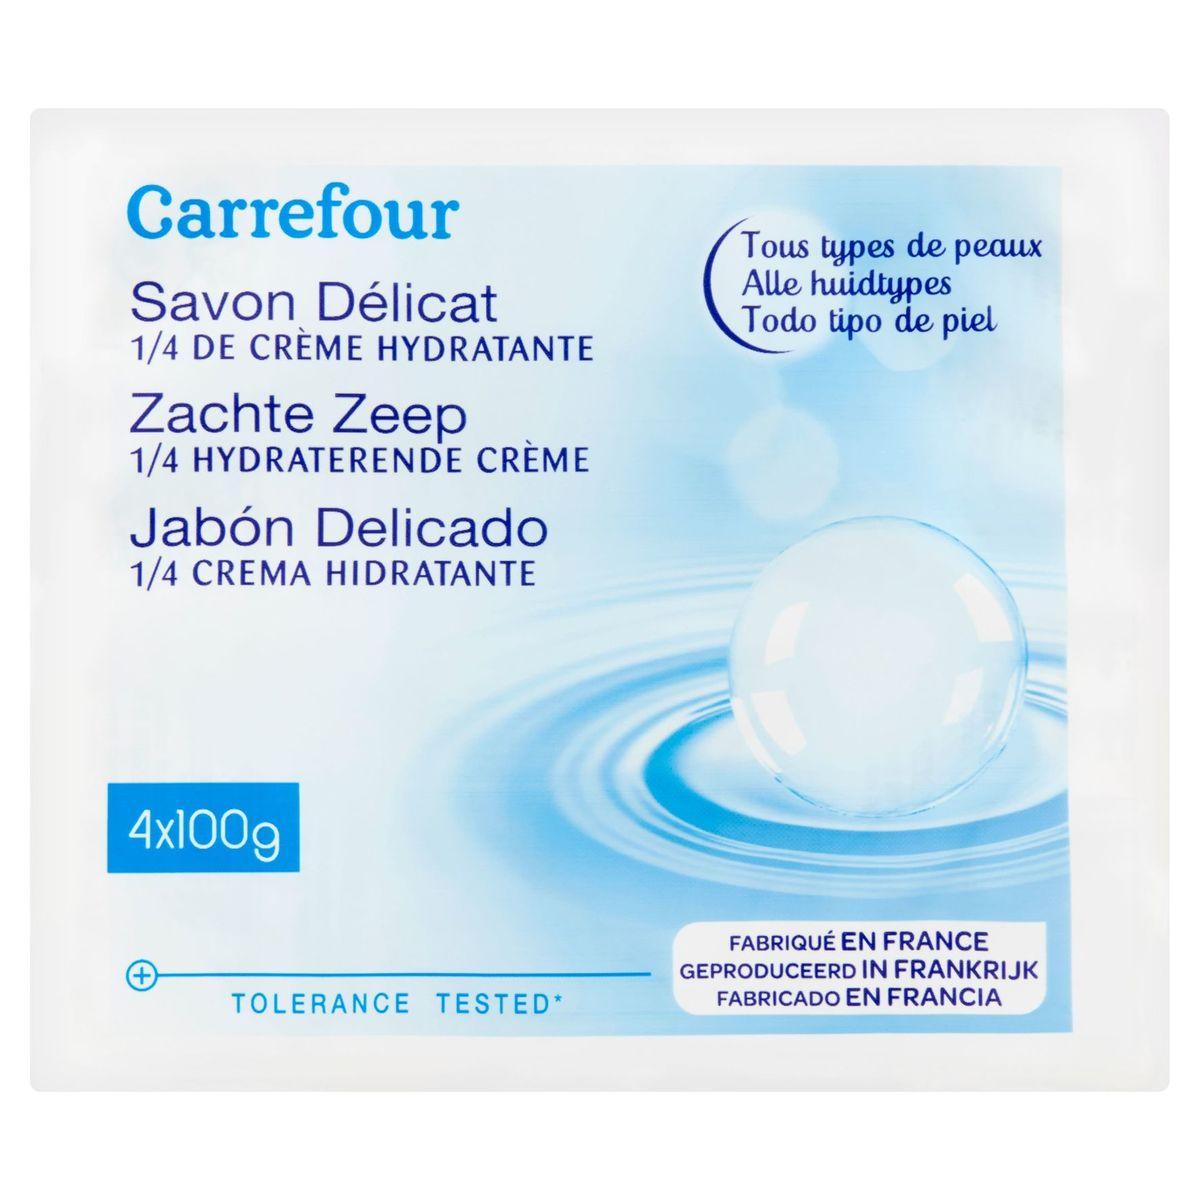 Carrefour Savon Délicat 1/4 de Crème Hydratante 4 x 100 g